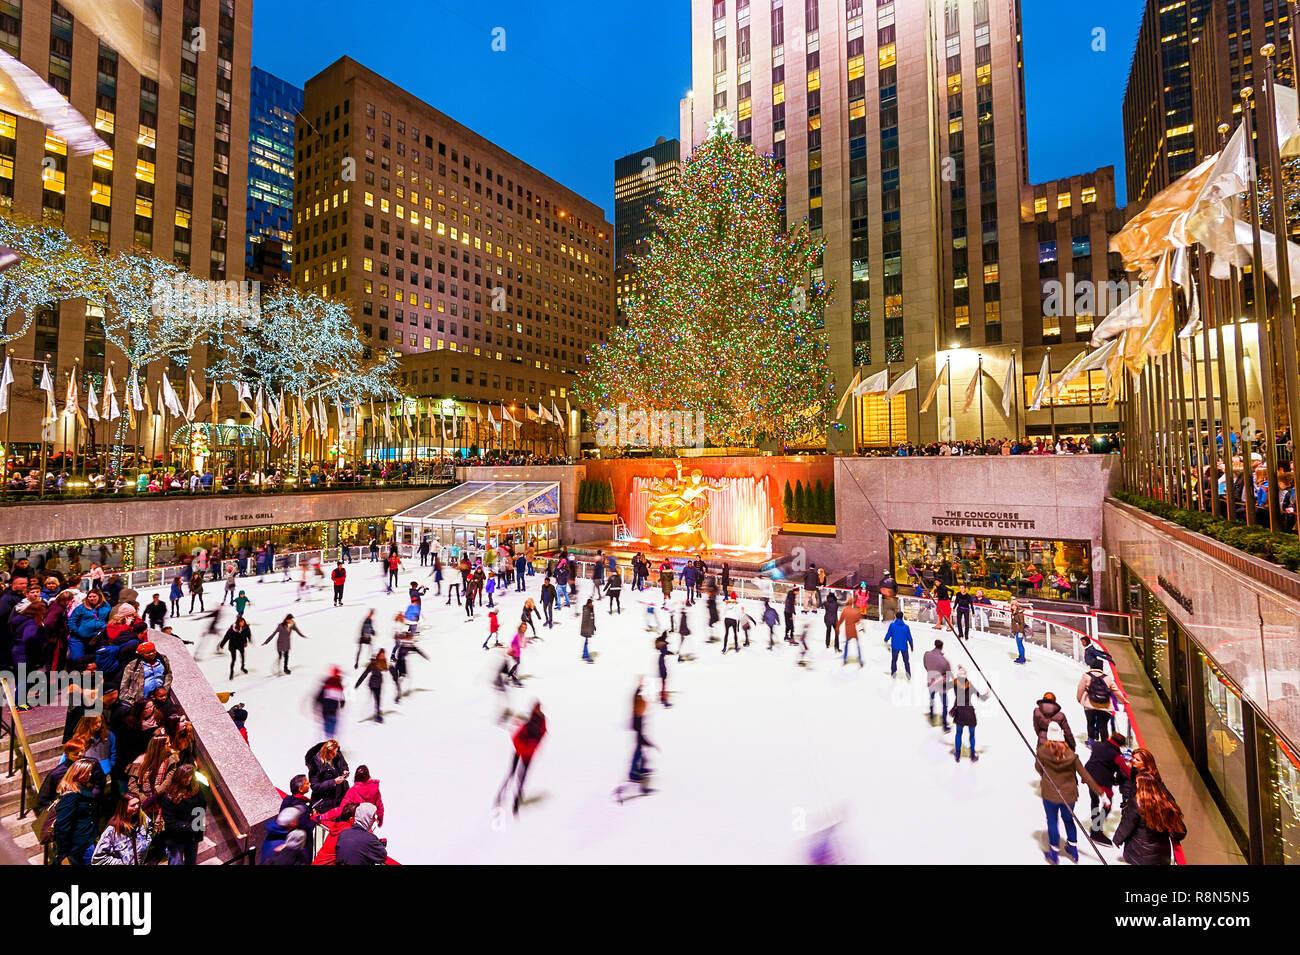 Navidad Nueva York Rockefeller Plaza pista de patinaje sobre hielo Árbol de Navidad Foto de stock